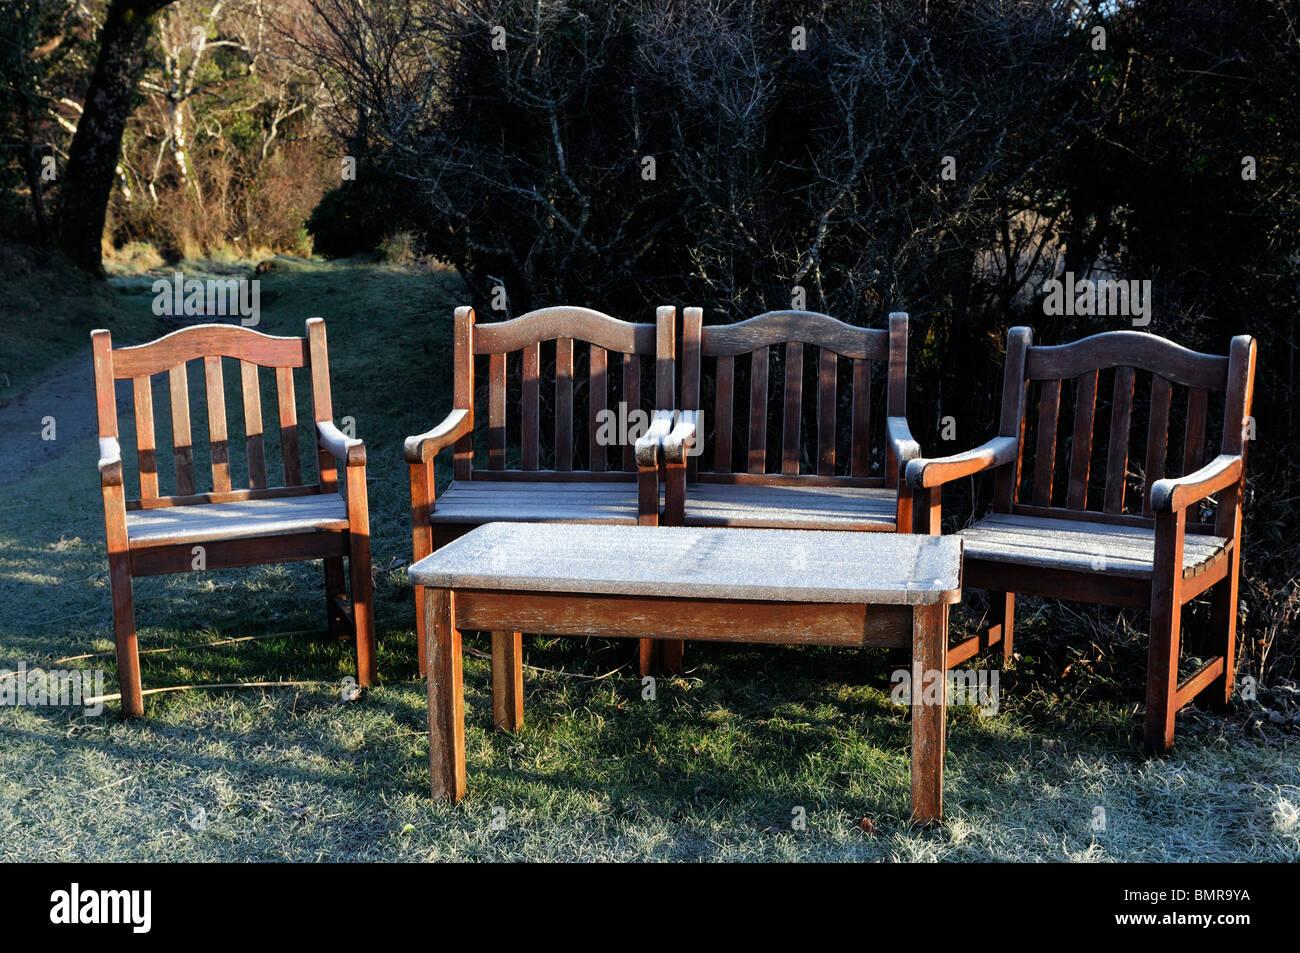 Ghiaccio coperto di brina mobili da giardino in legno banco sedile freddo inverno hedge sede sedie tavolo con posto Immagini Stock